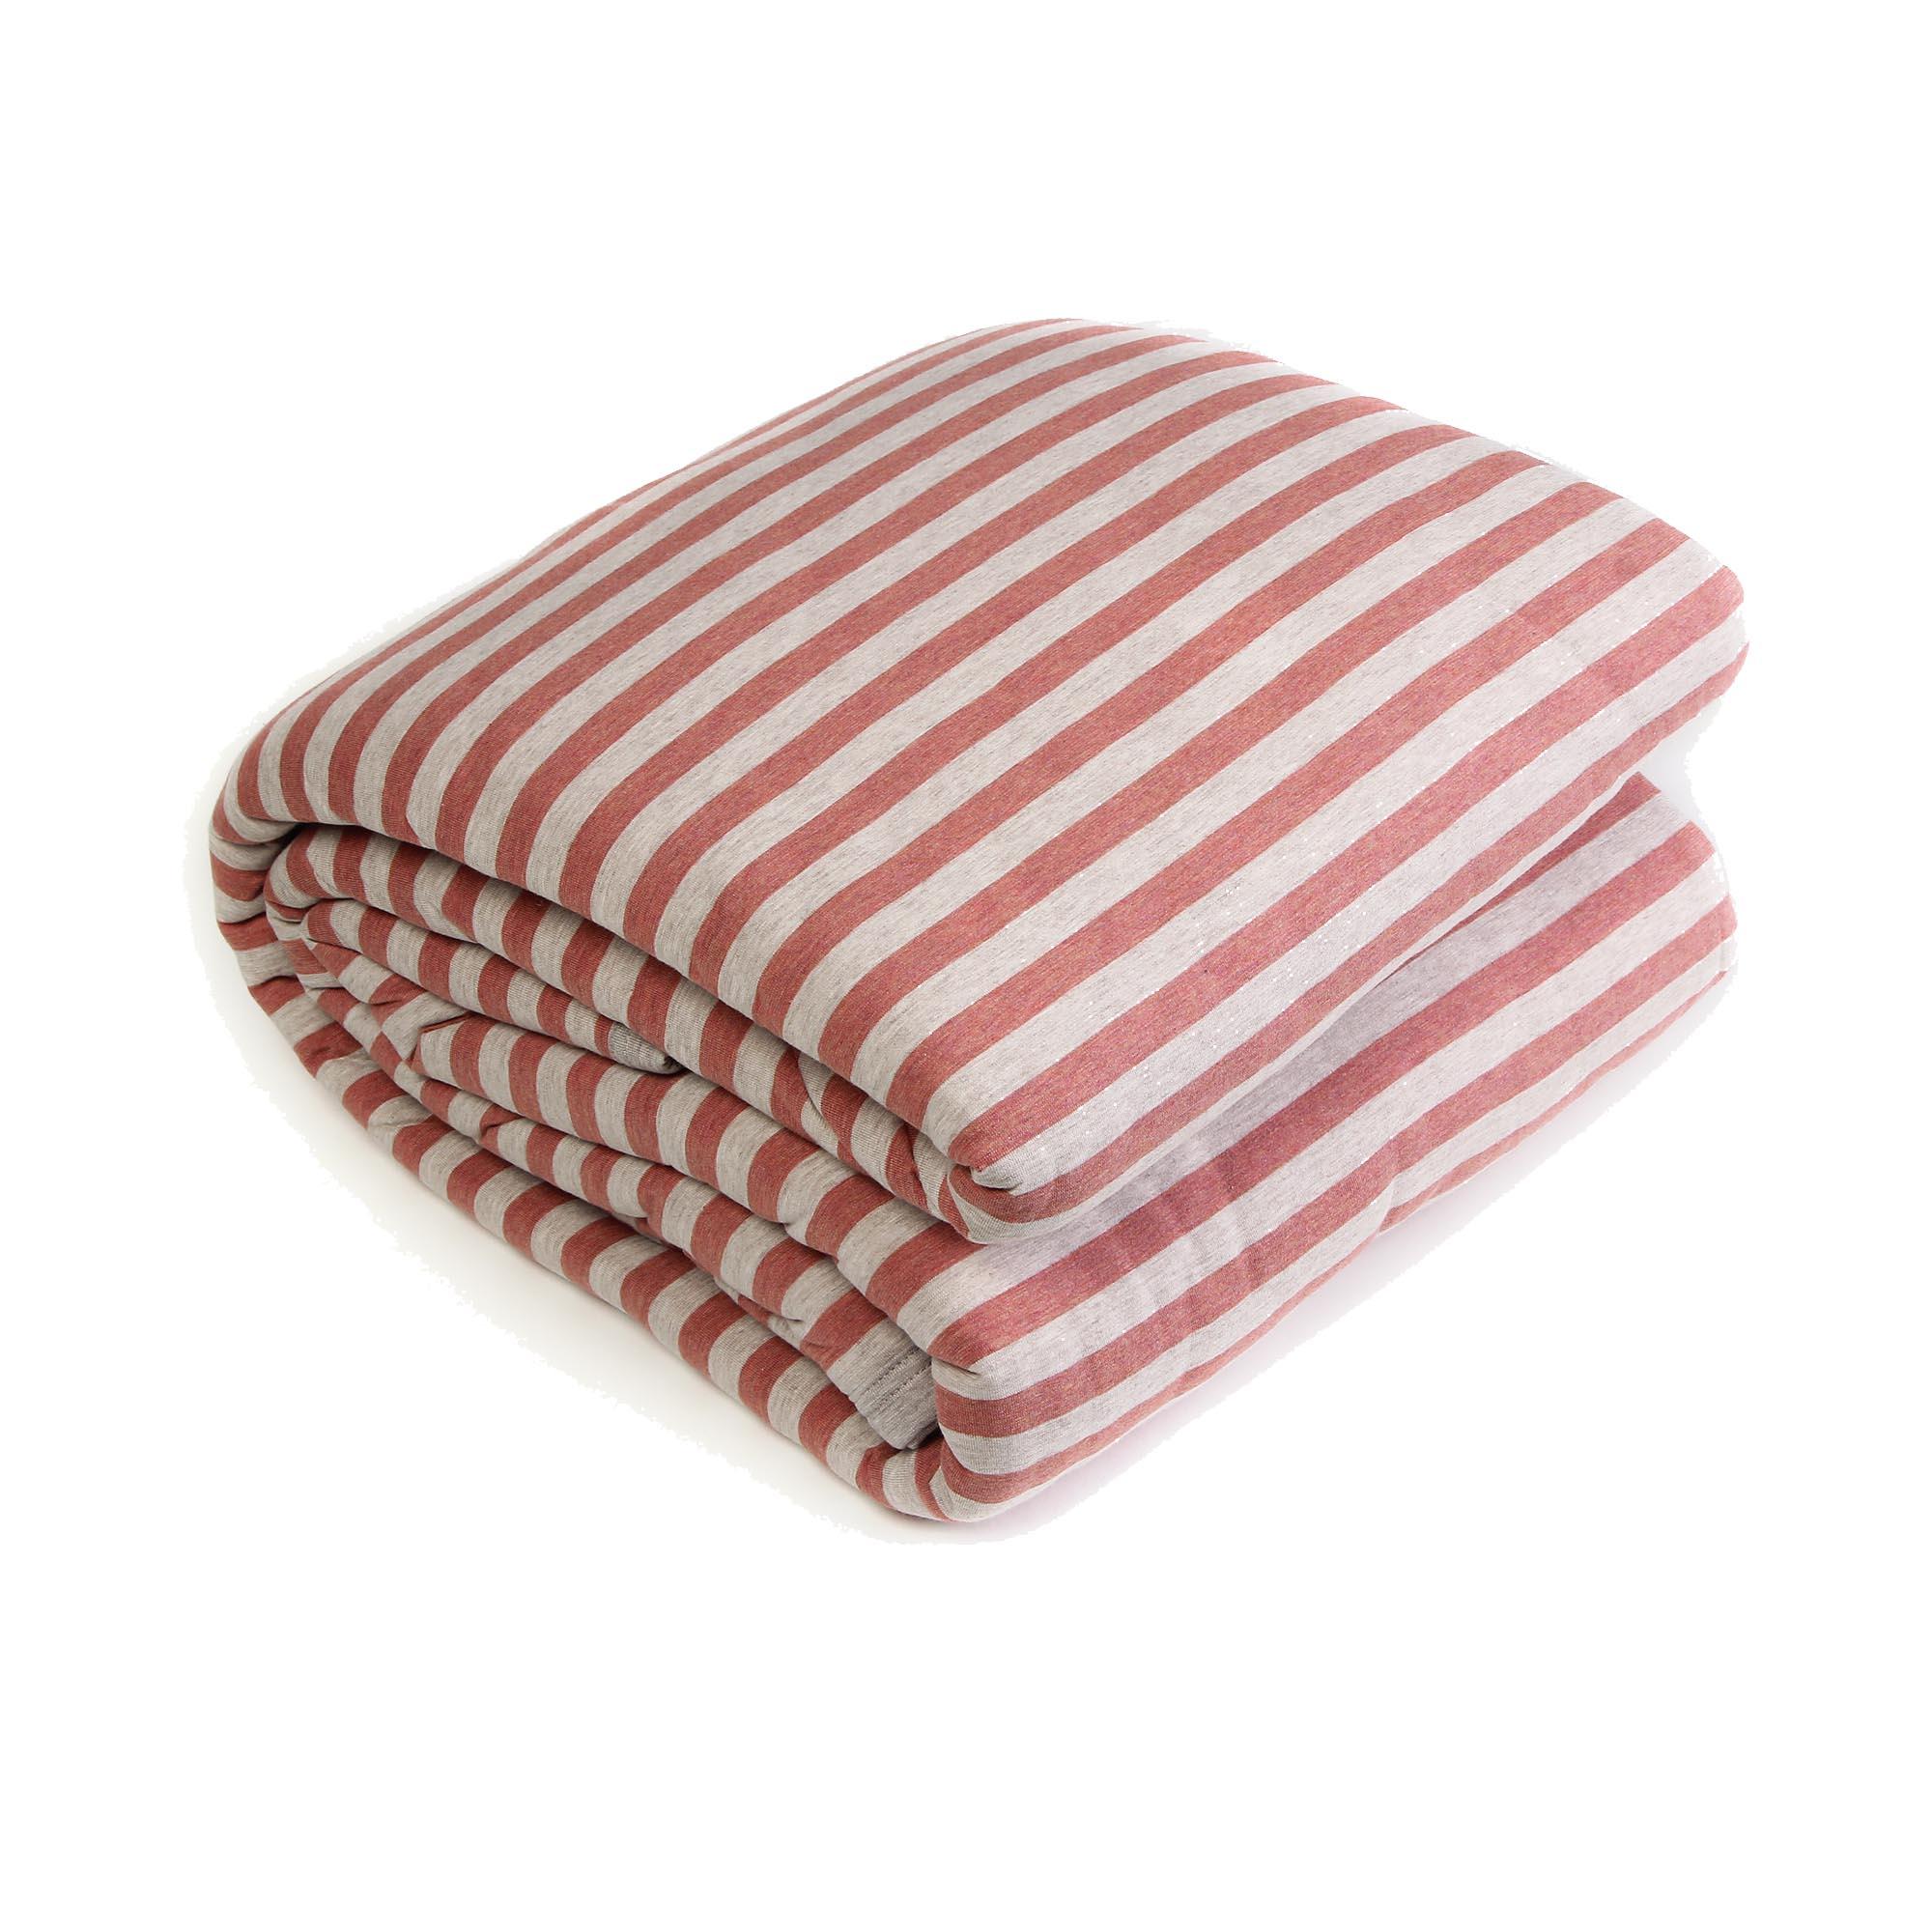 被夏凉被夏天竺双人纯棉可机洗超轻良品全棉柔软空调棉被